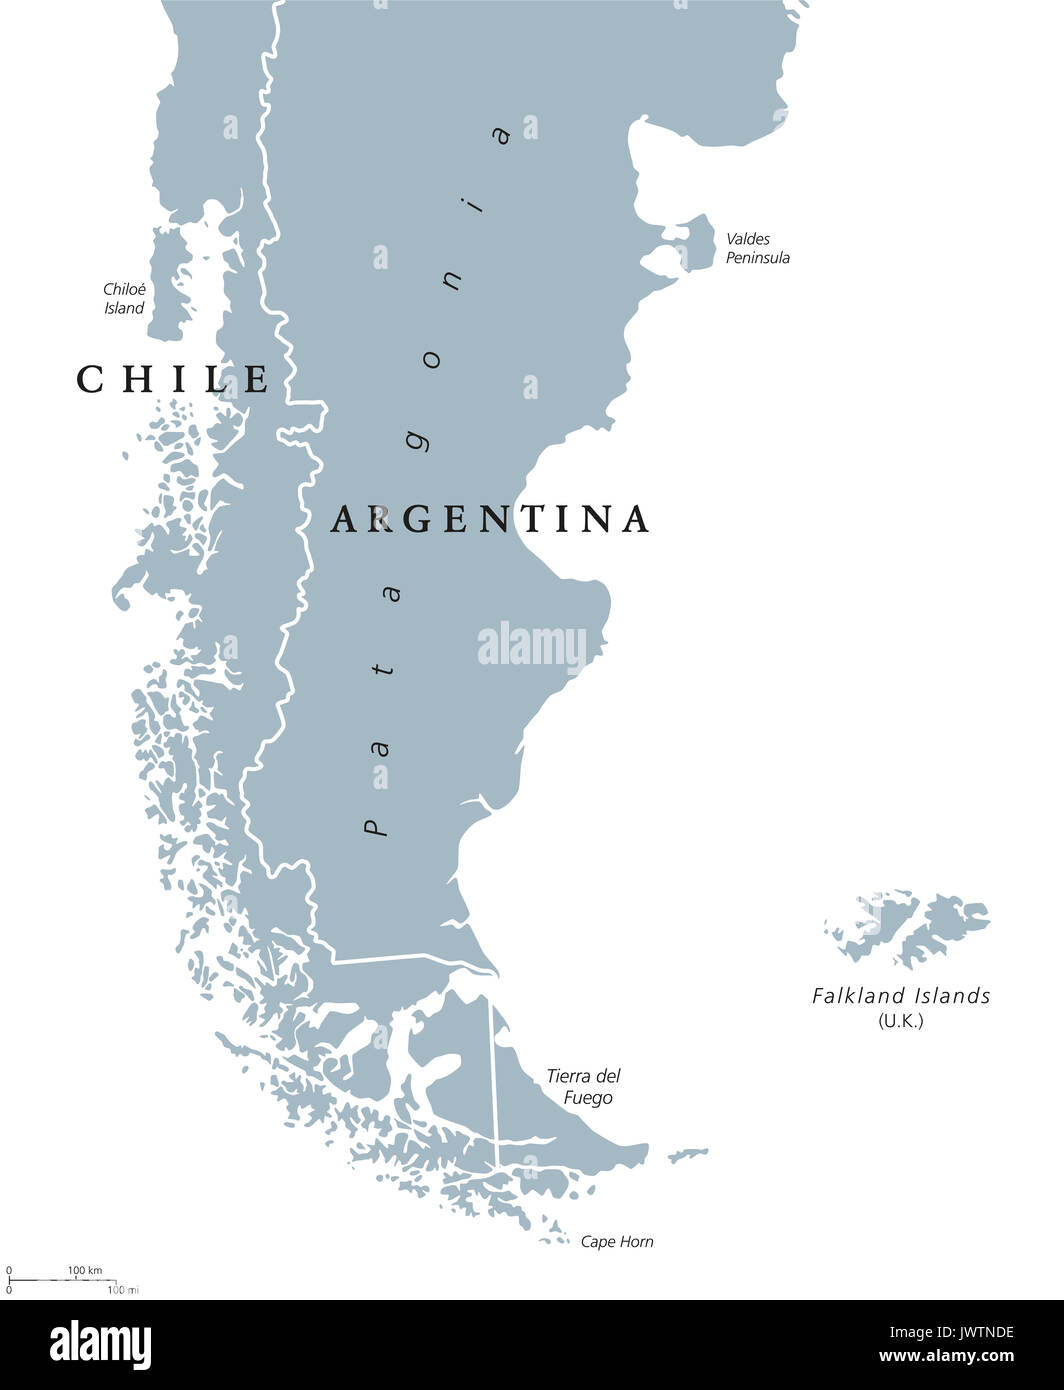 Chile Patagonien Karte.Patagonien Politische Karte Das Sudliche Ende Des